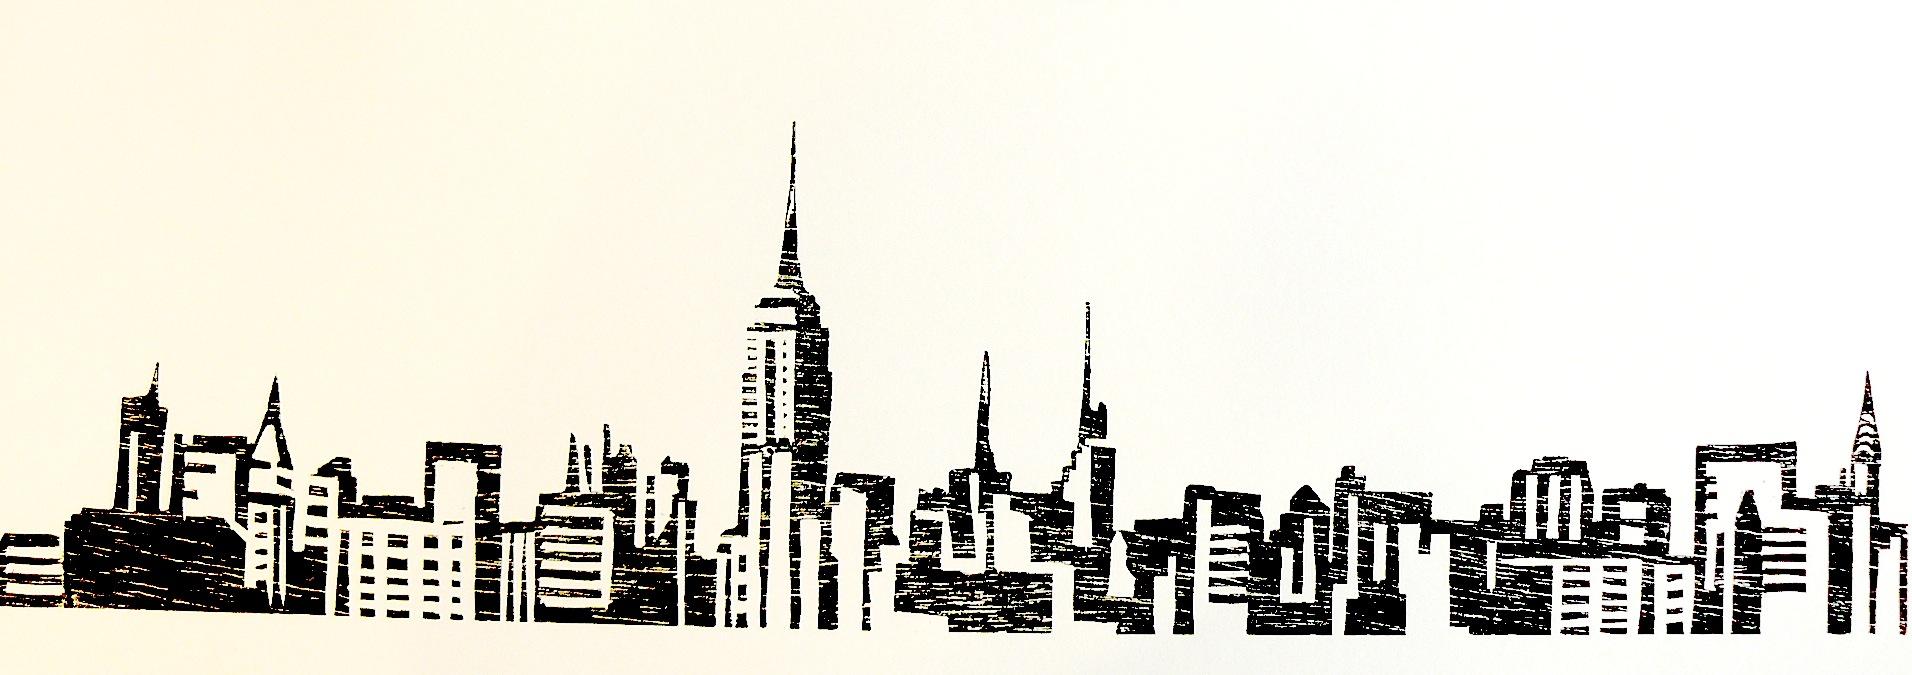 Empire State Building Photo Noir Et Blanc